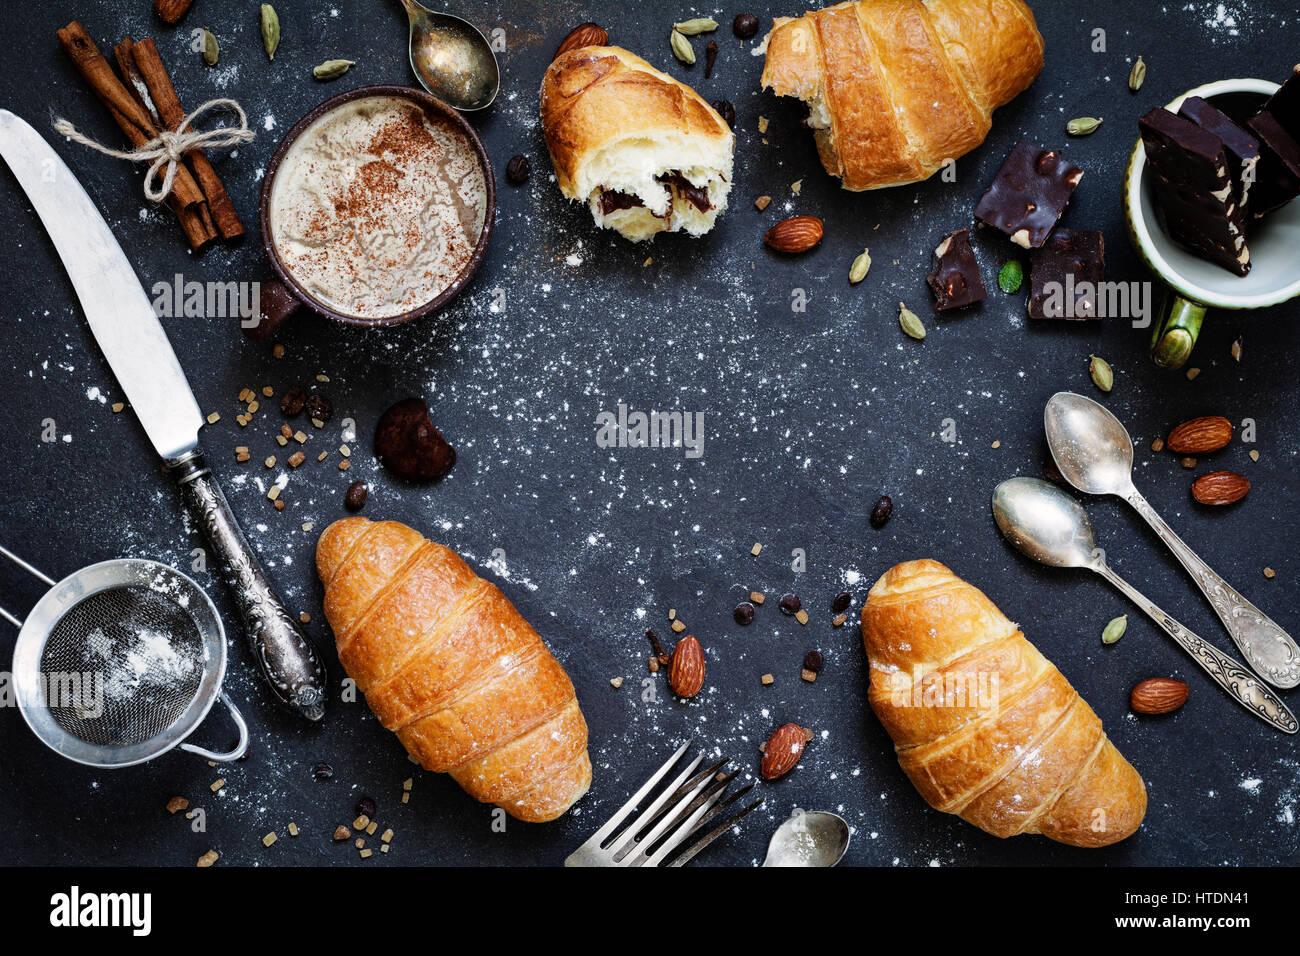 Café, croissants, chocolat, épices, noix et vintage de couverts. Mise à plat de la composition des Photo Stock